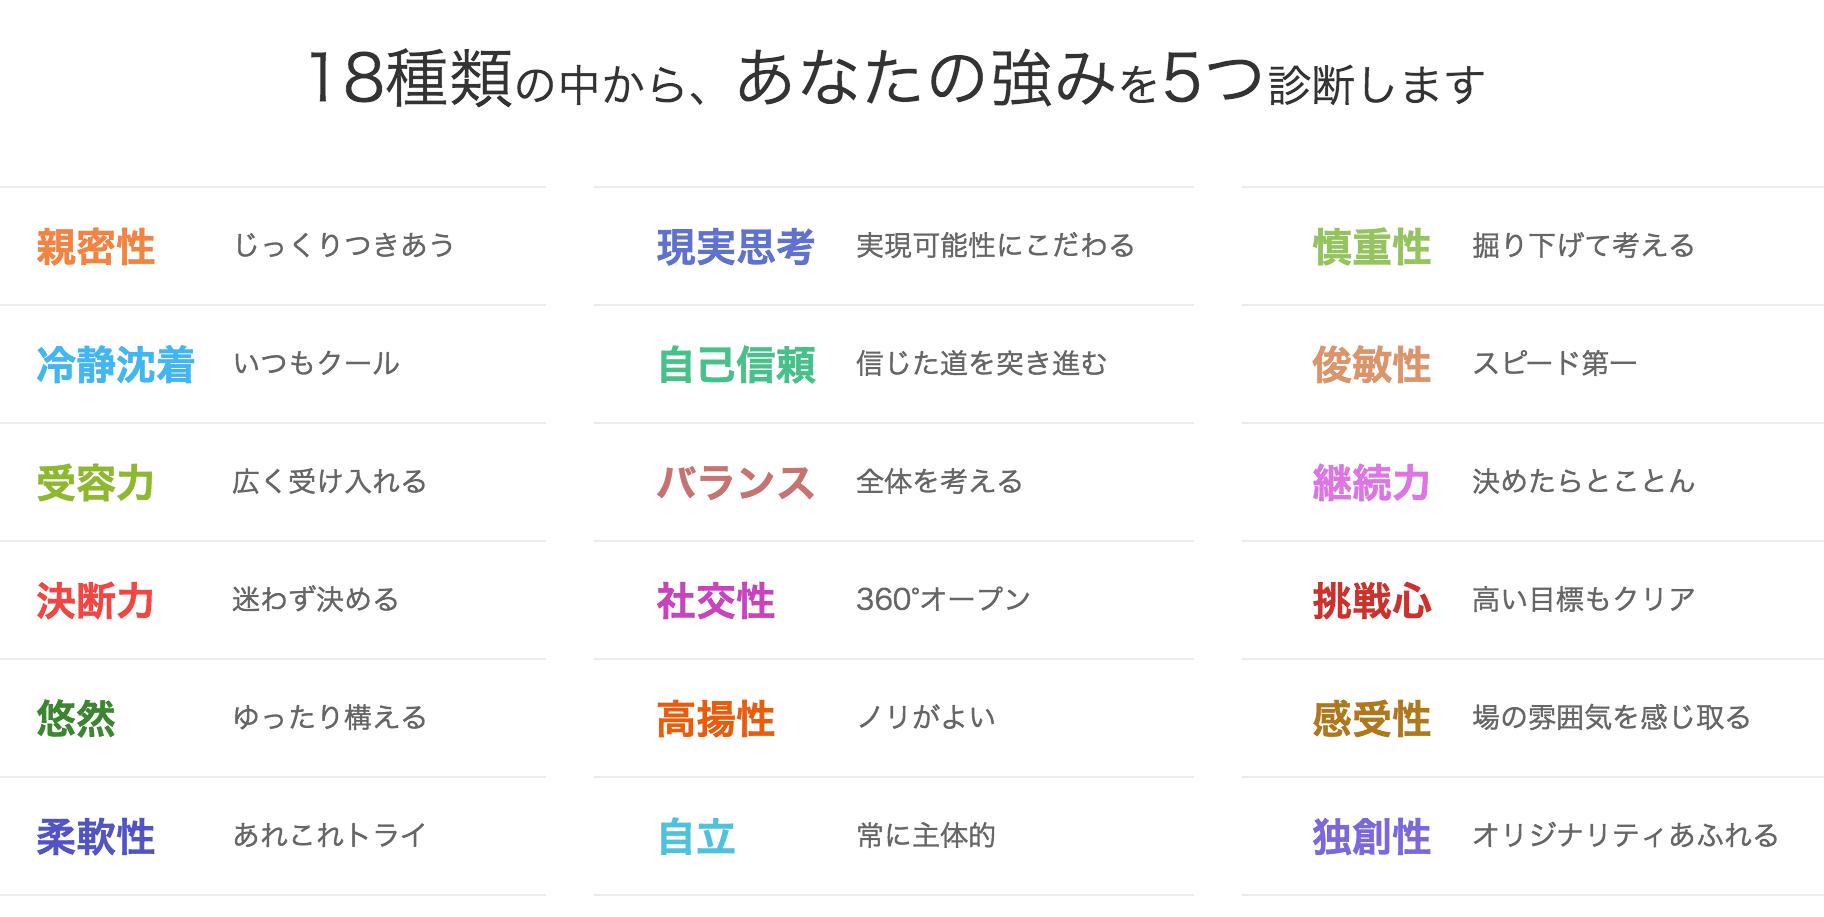 5つの強み